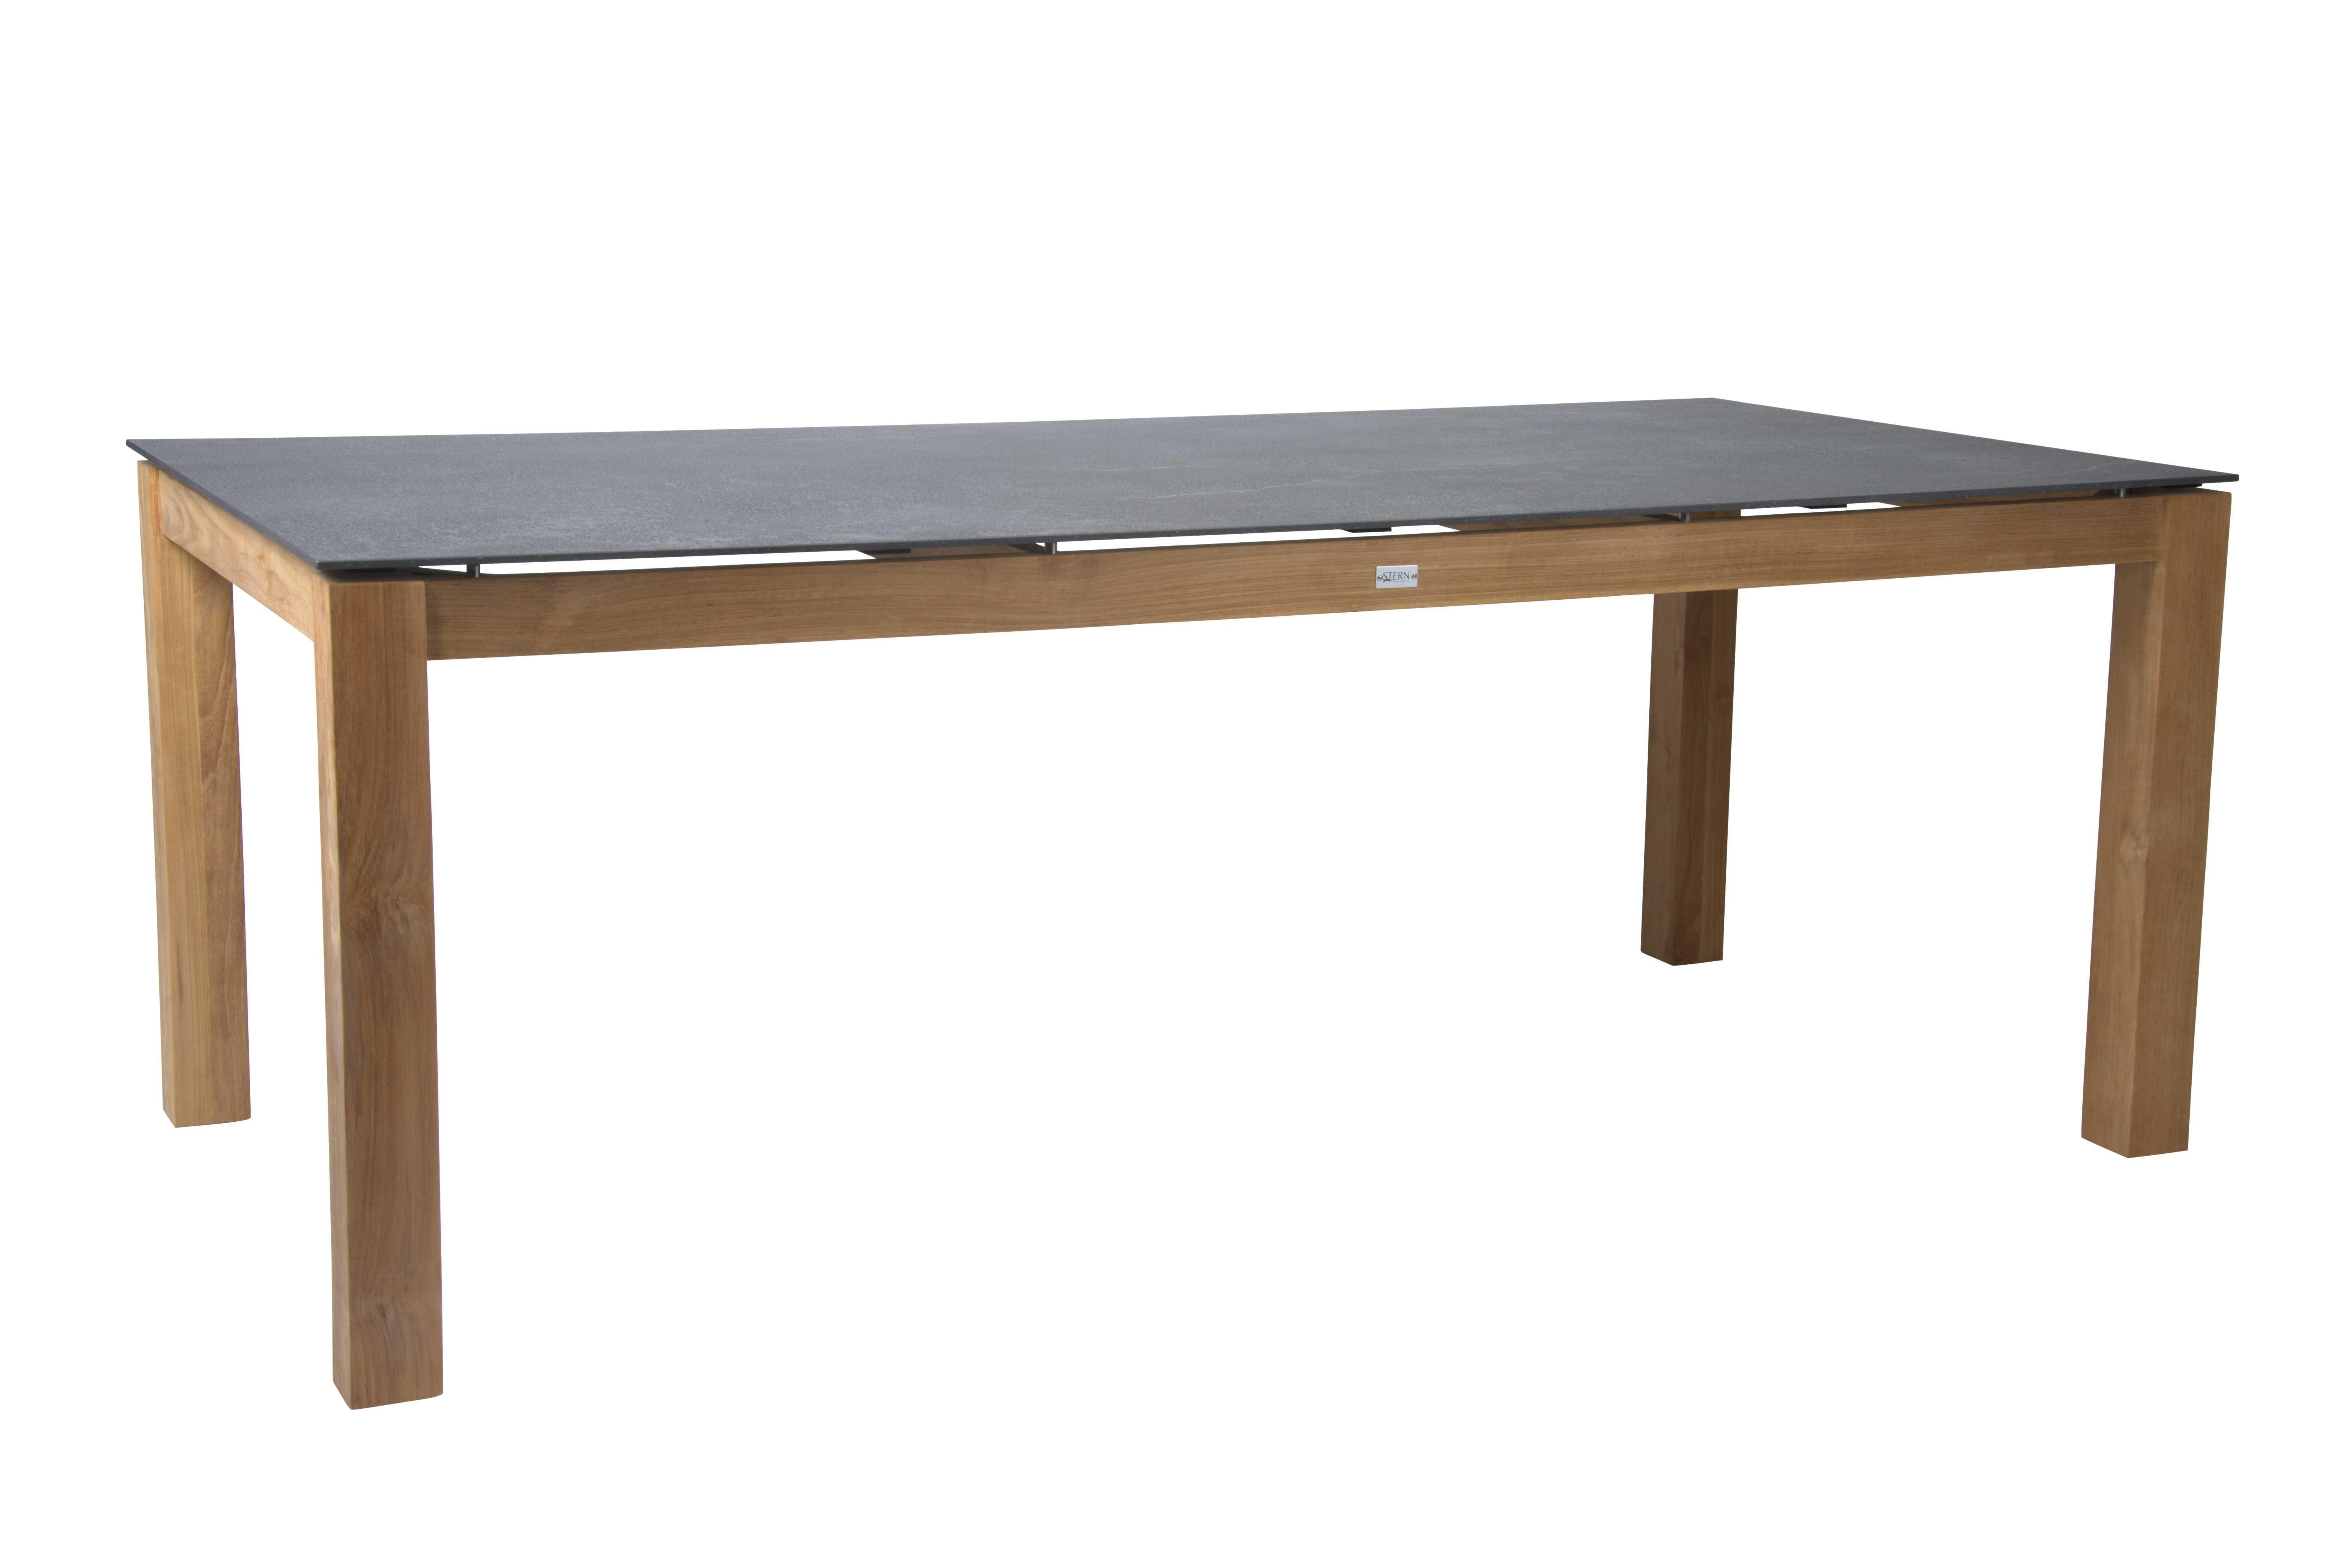 Tische Tisch 200x100 cm Teak mit